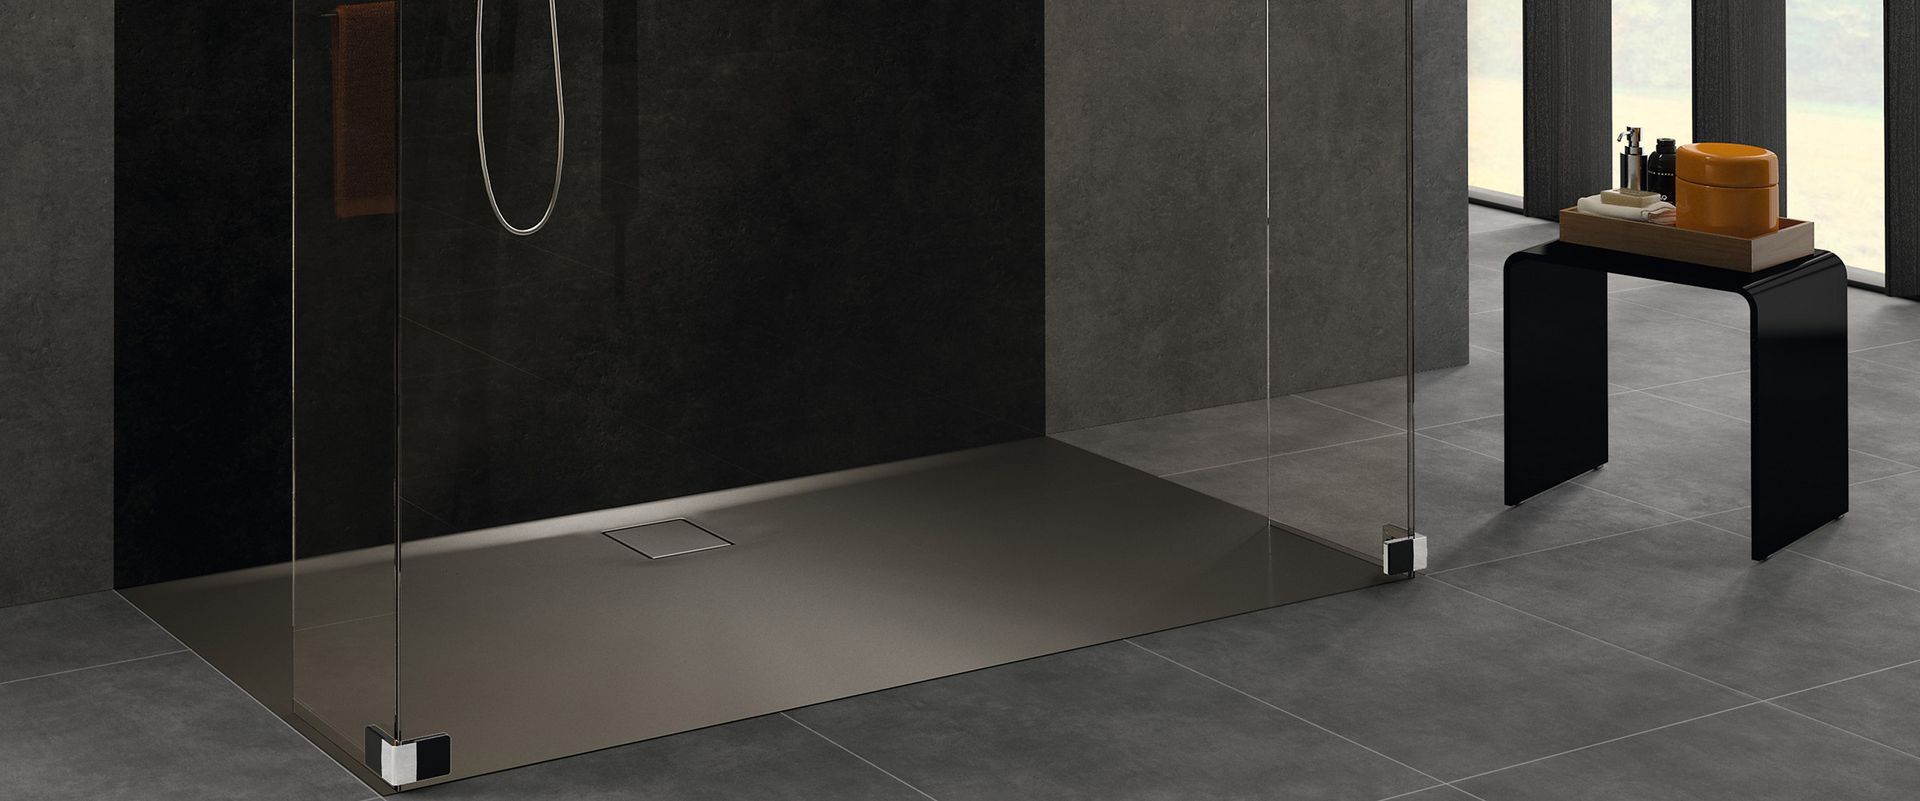 Full Size of Dusche Ebenerdig Begehbare Ohne Tür Behindertengerechte Glaswand Duschen Haltegriff Bodengleiche Grohe Thermostat Hüppe Walkin Siphon Barrierefreie Dusche Hüppe Dusche